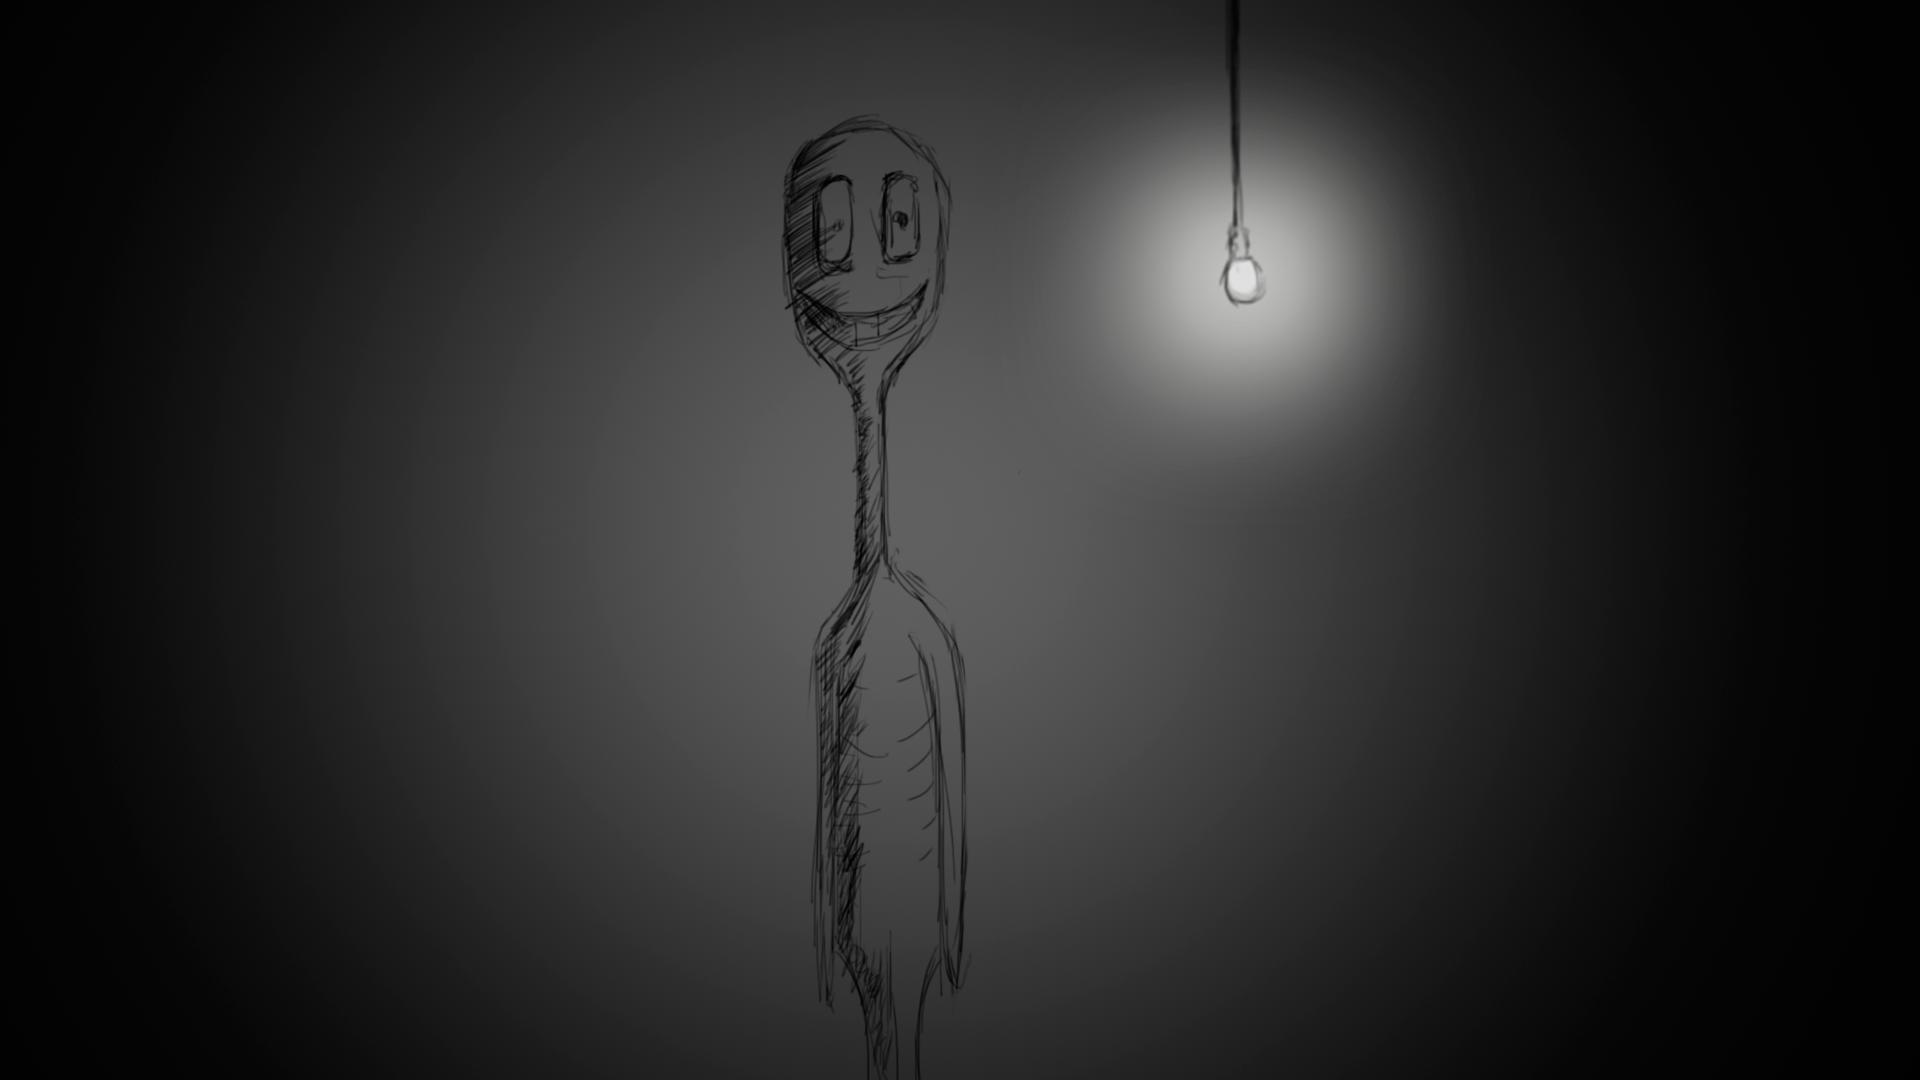 Фото Хоррор-композиция мутанта в тёмной комнате с лампочкой. Выполнена в Photoshop Времени затрачено: 30мин.